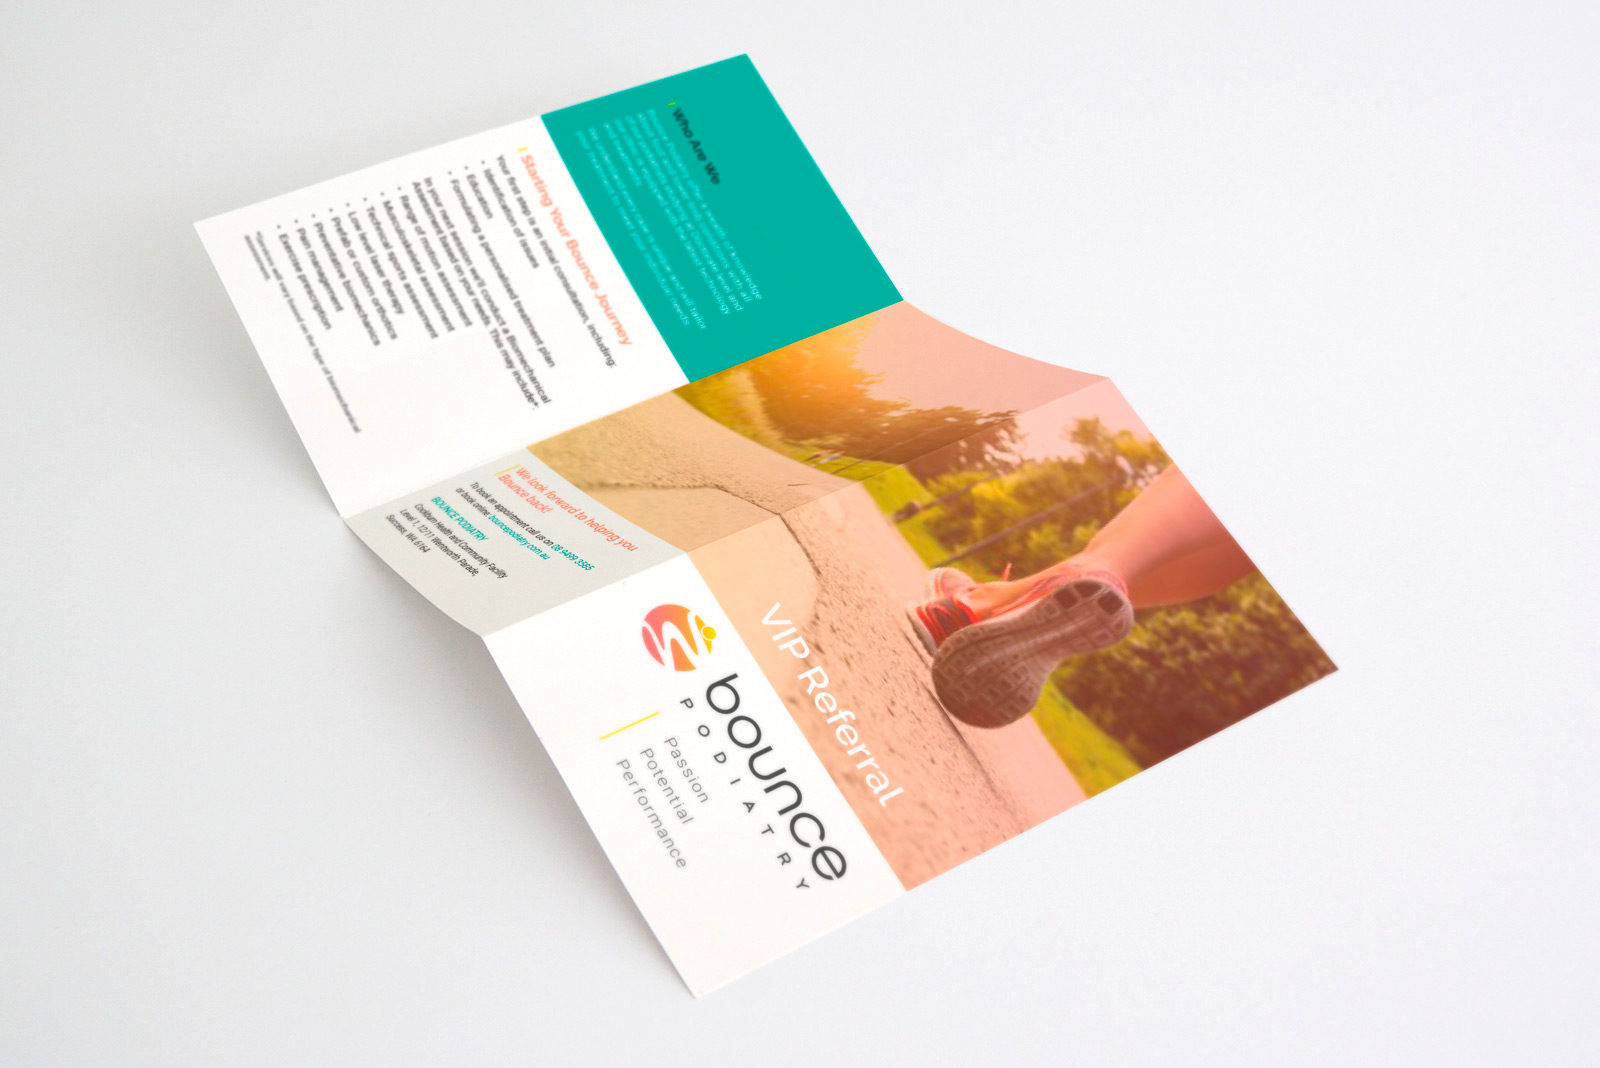 bounce-podiatry_brochure-outside_geena-mcinnes.jpg